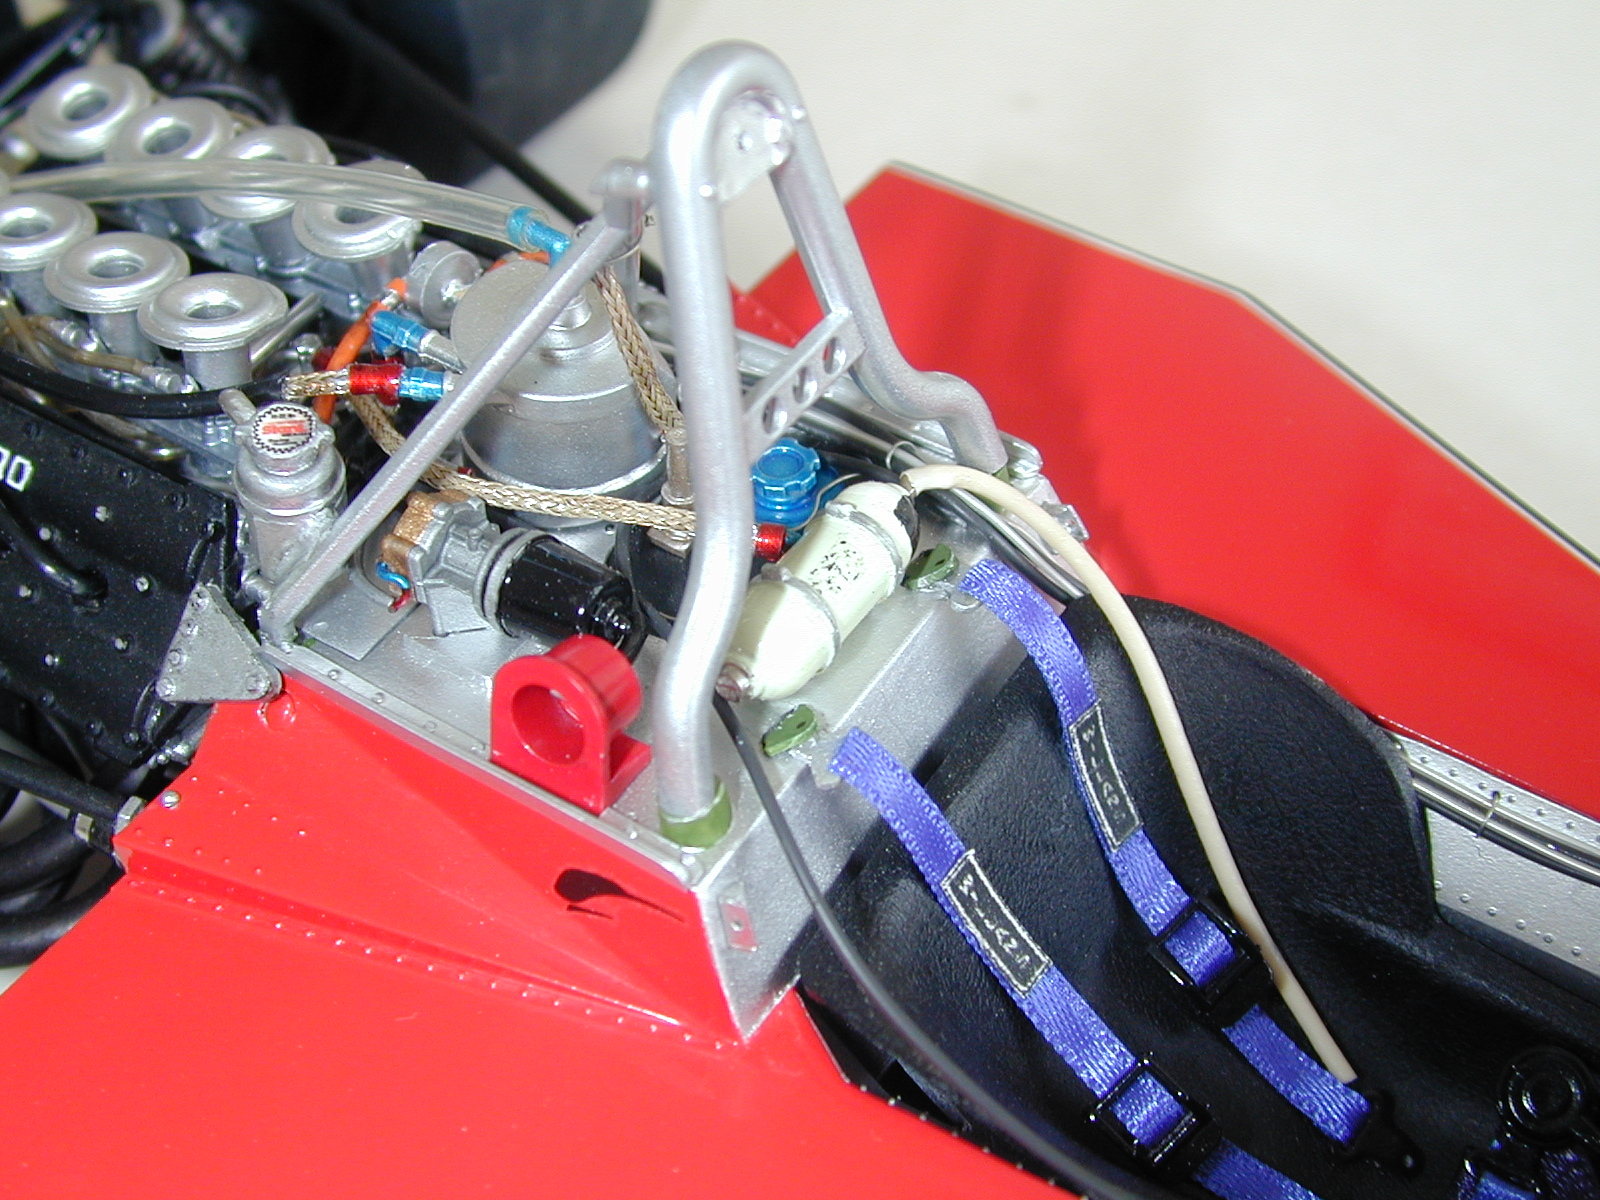 Mclaren M23 5 Mro F1 Engineering